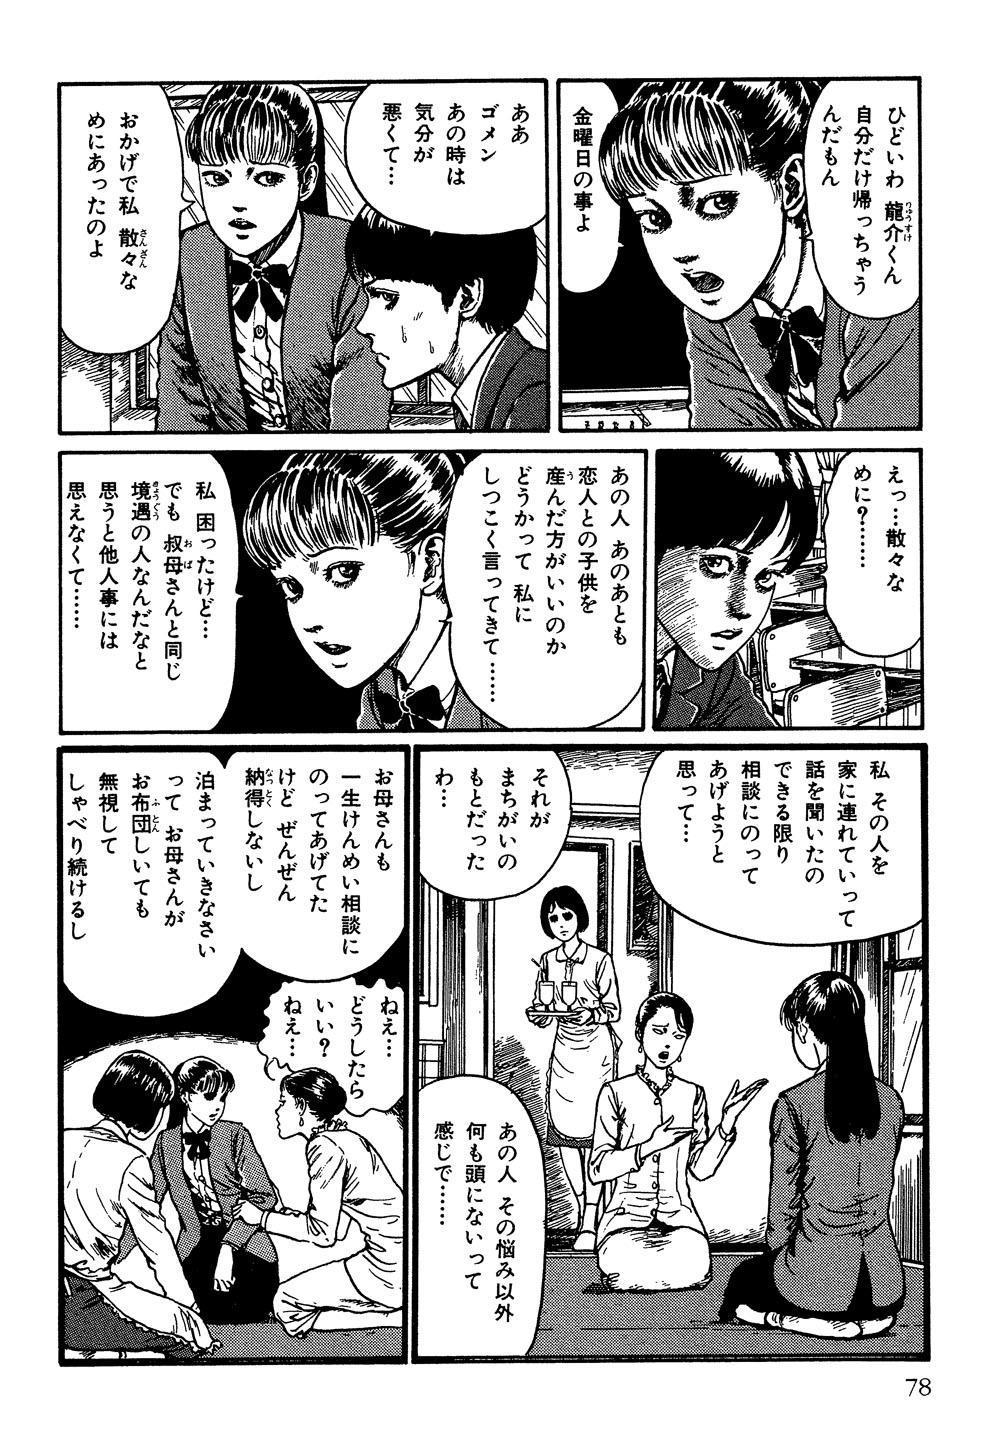 itouj_0004_0080.jpg